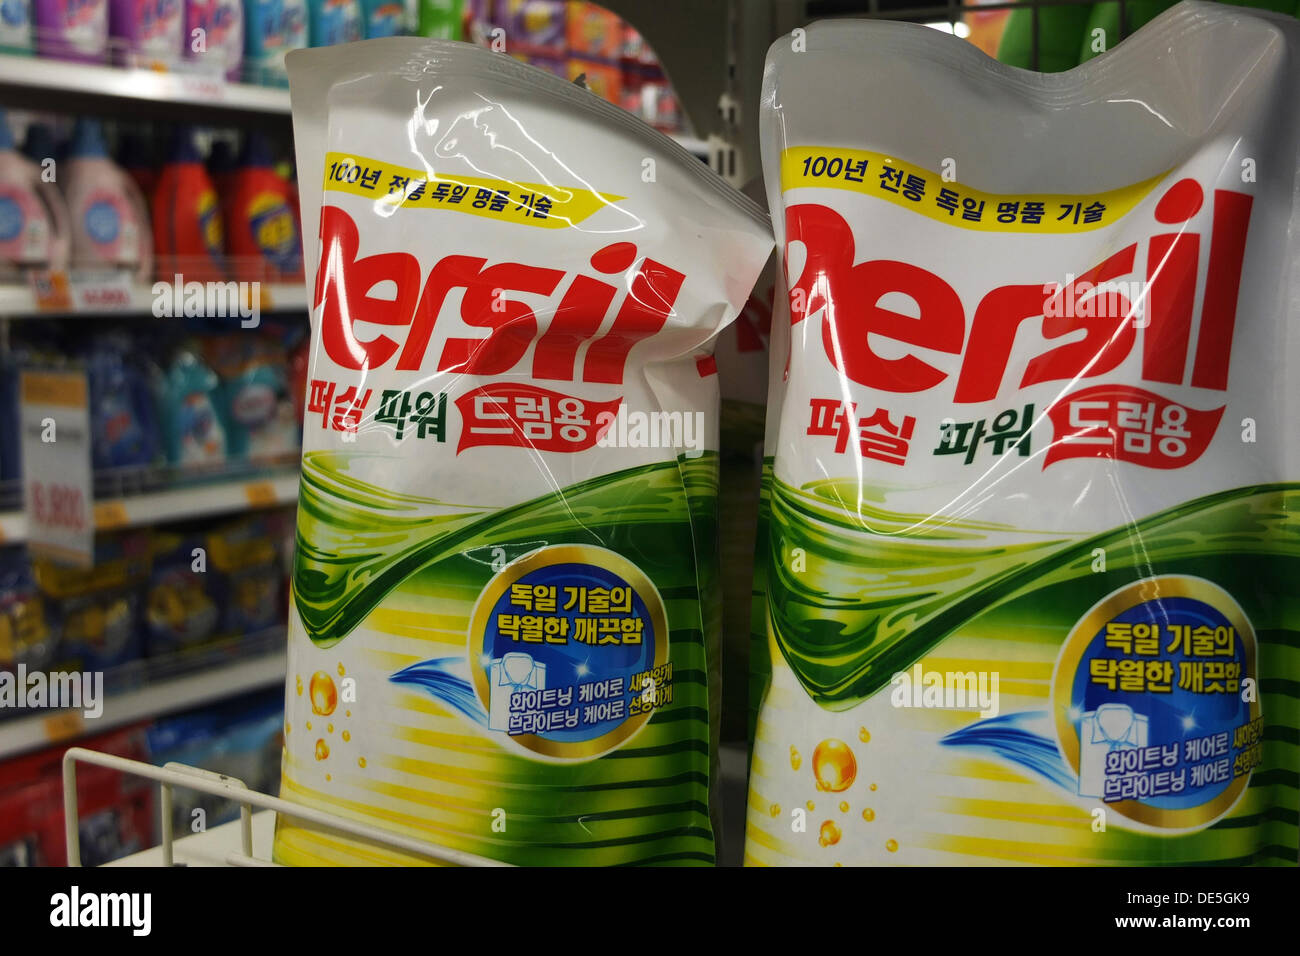 Corea del Sur: detergente Persil en hipermercado en Seúl Foto de stock